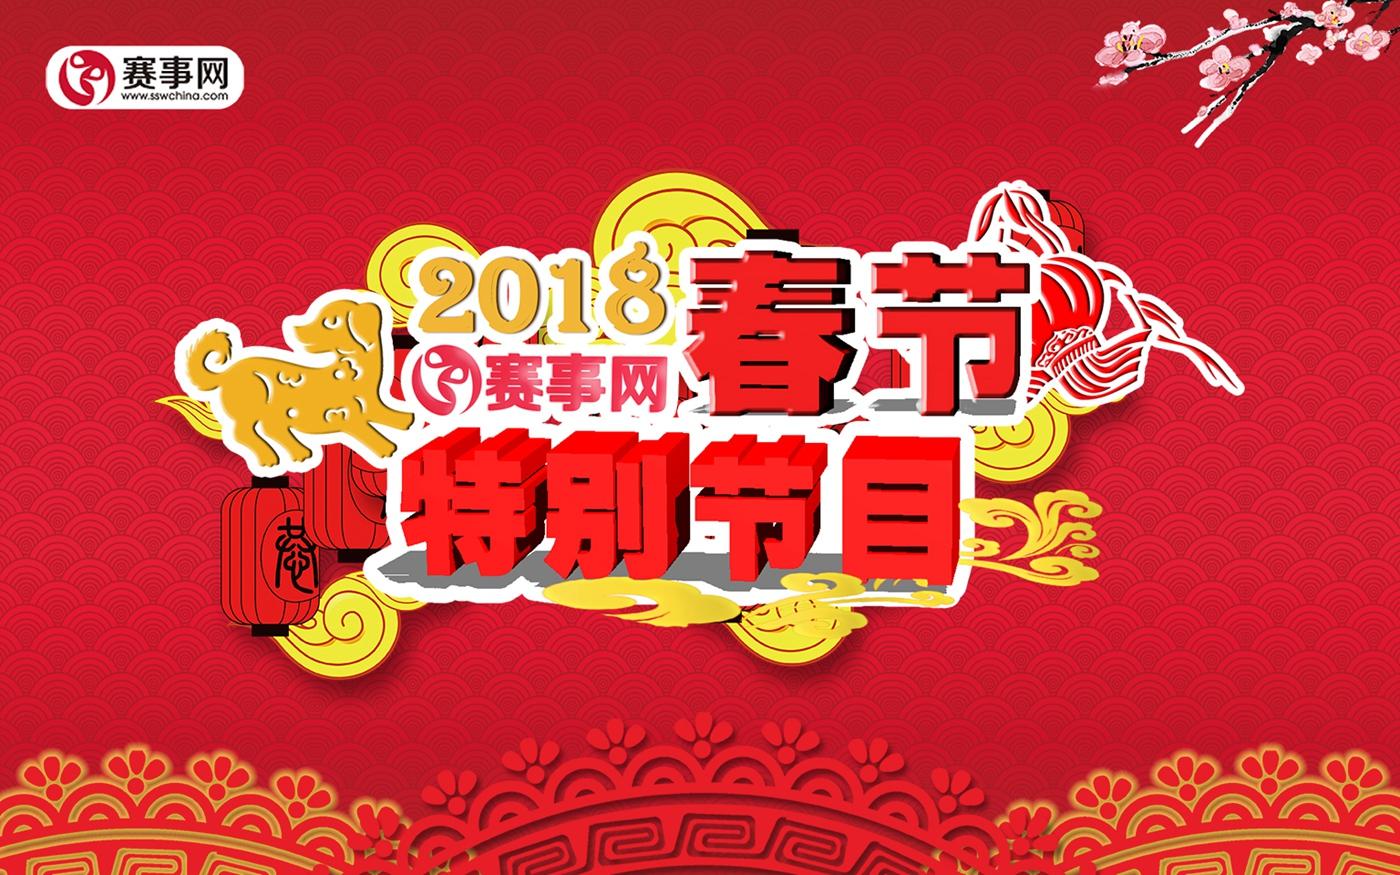 赛事网2018春节特别节目征集表(主持人报名)